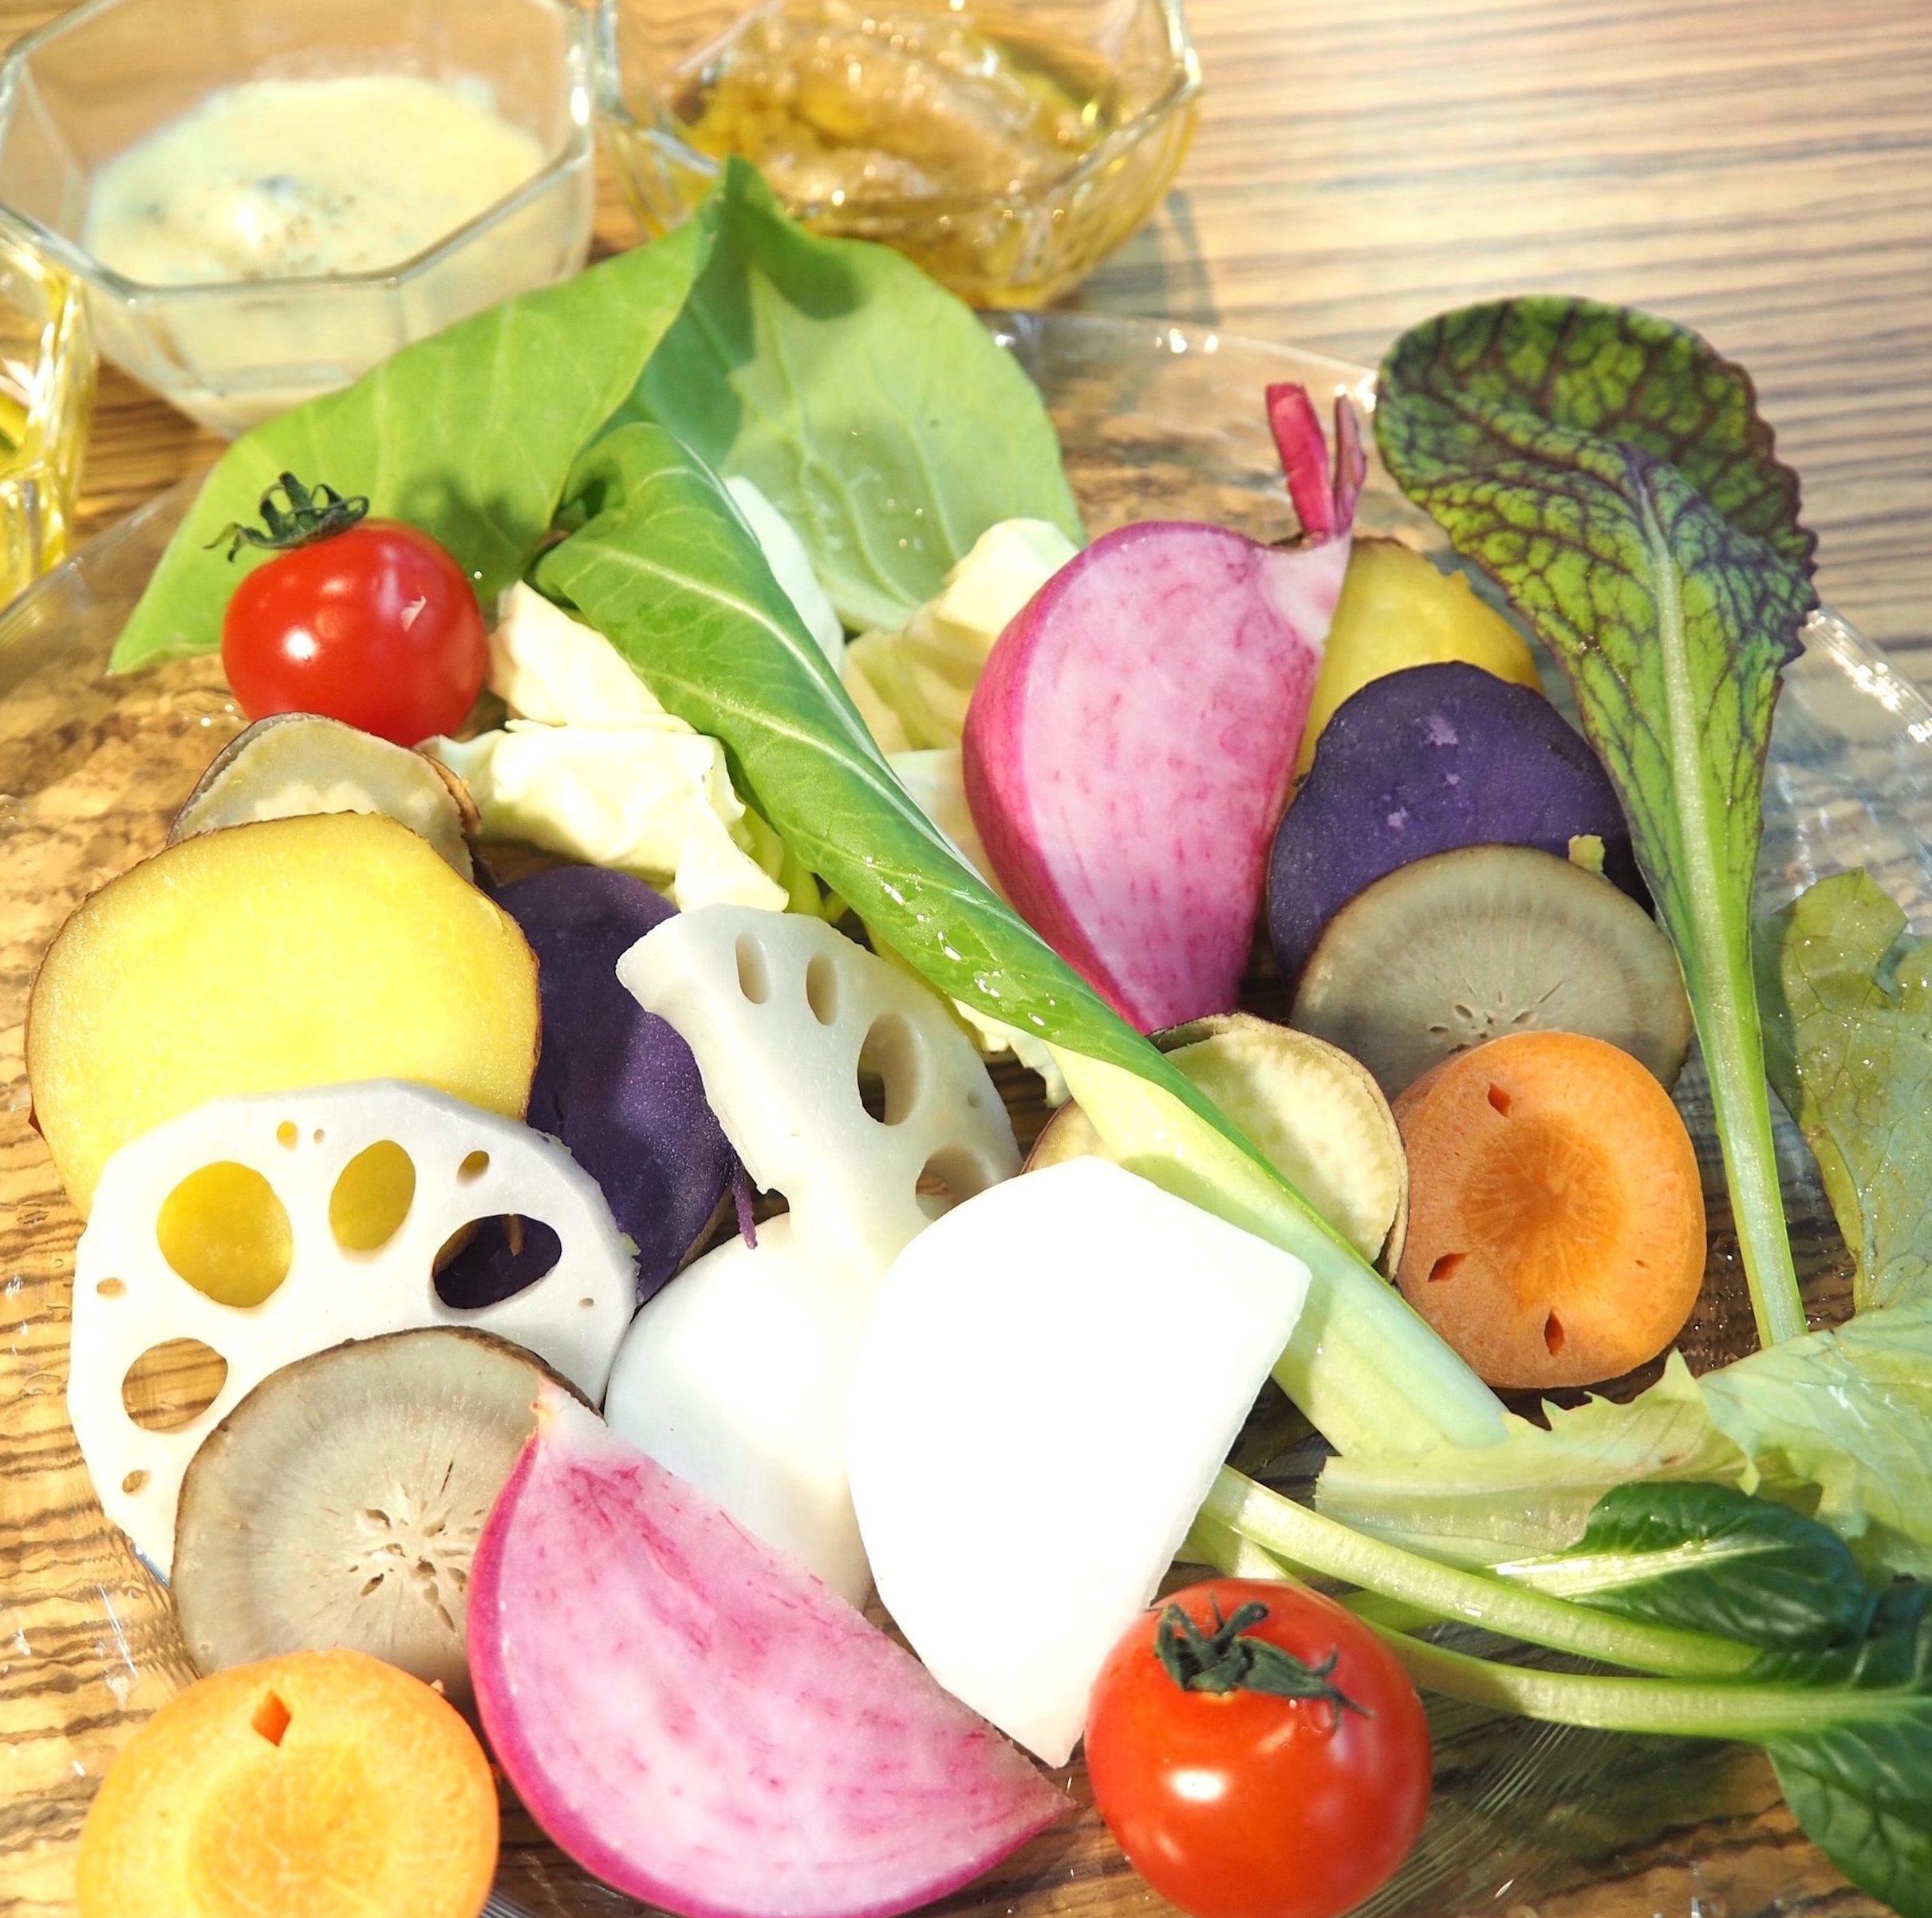 【梅田】有機野菜×イタリアンバル♪ 大阪のお野菜カフェで一服しませんか?